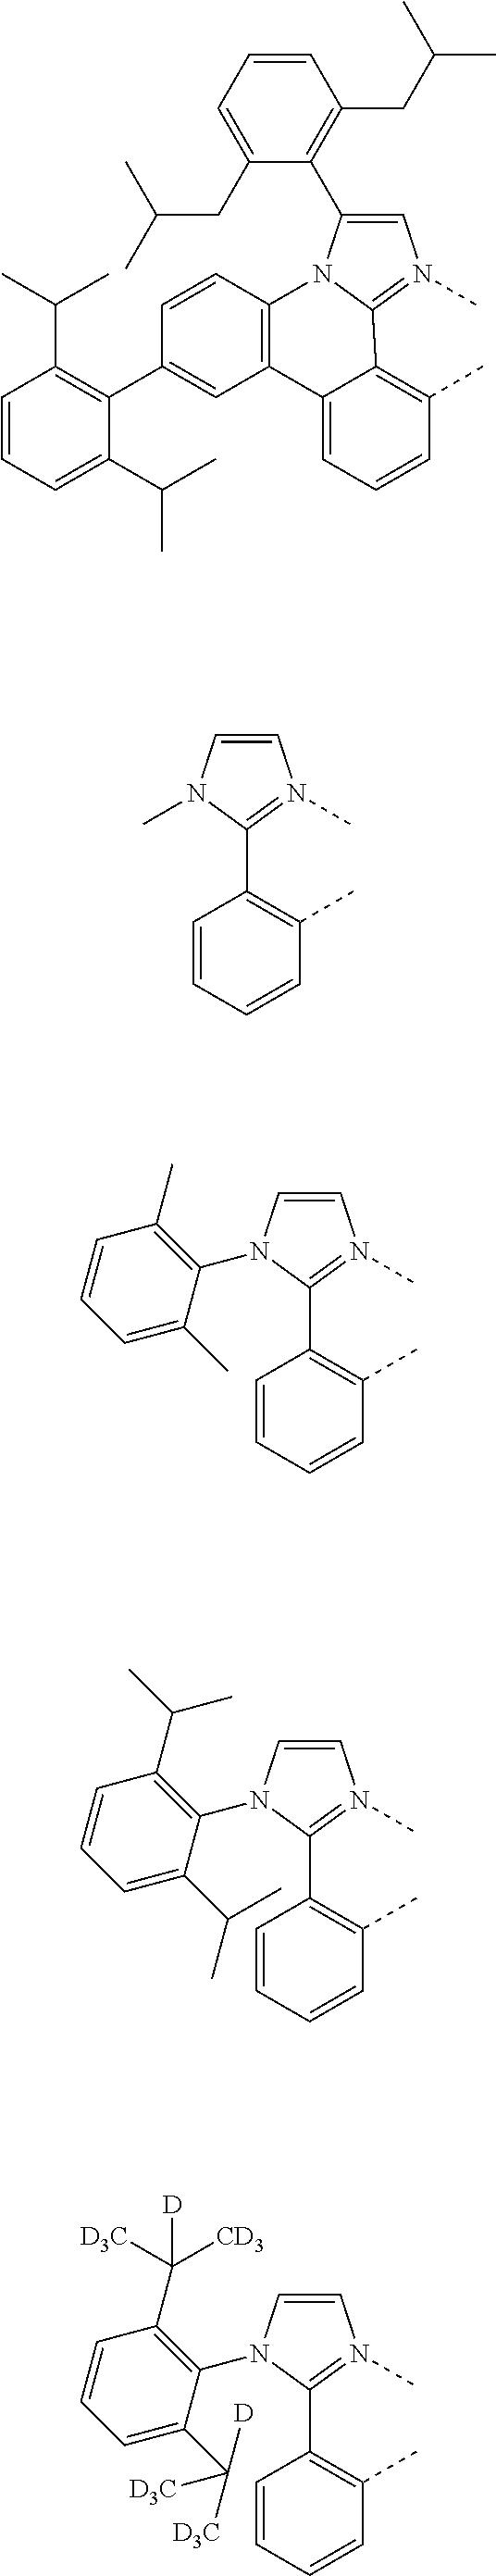 Figure US09773985-20170926-C00270